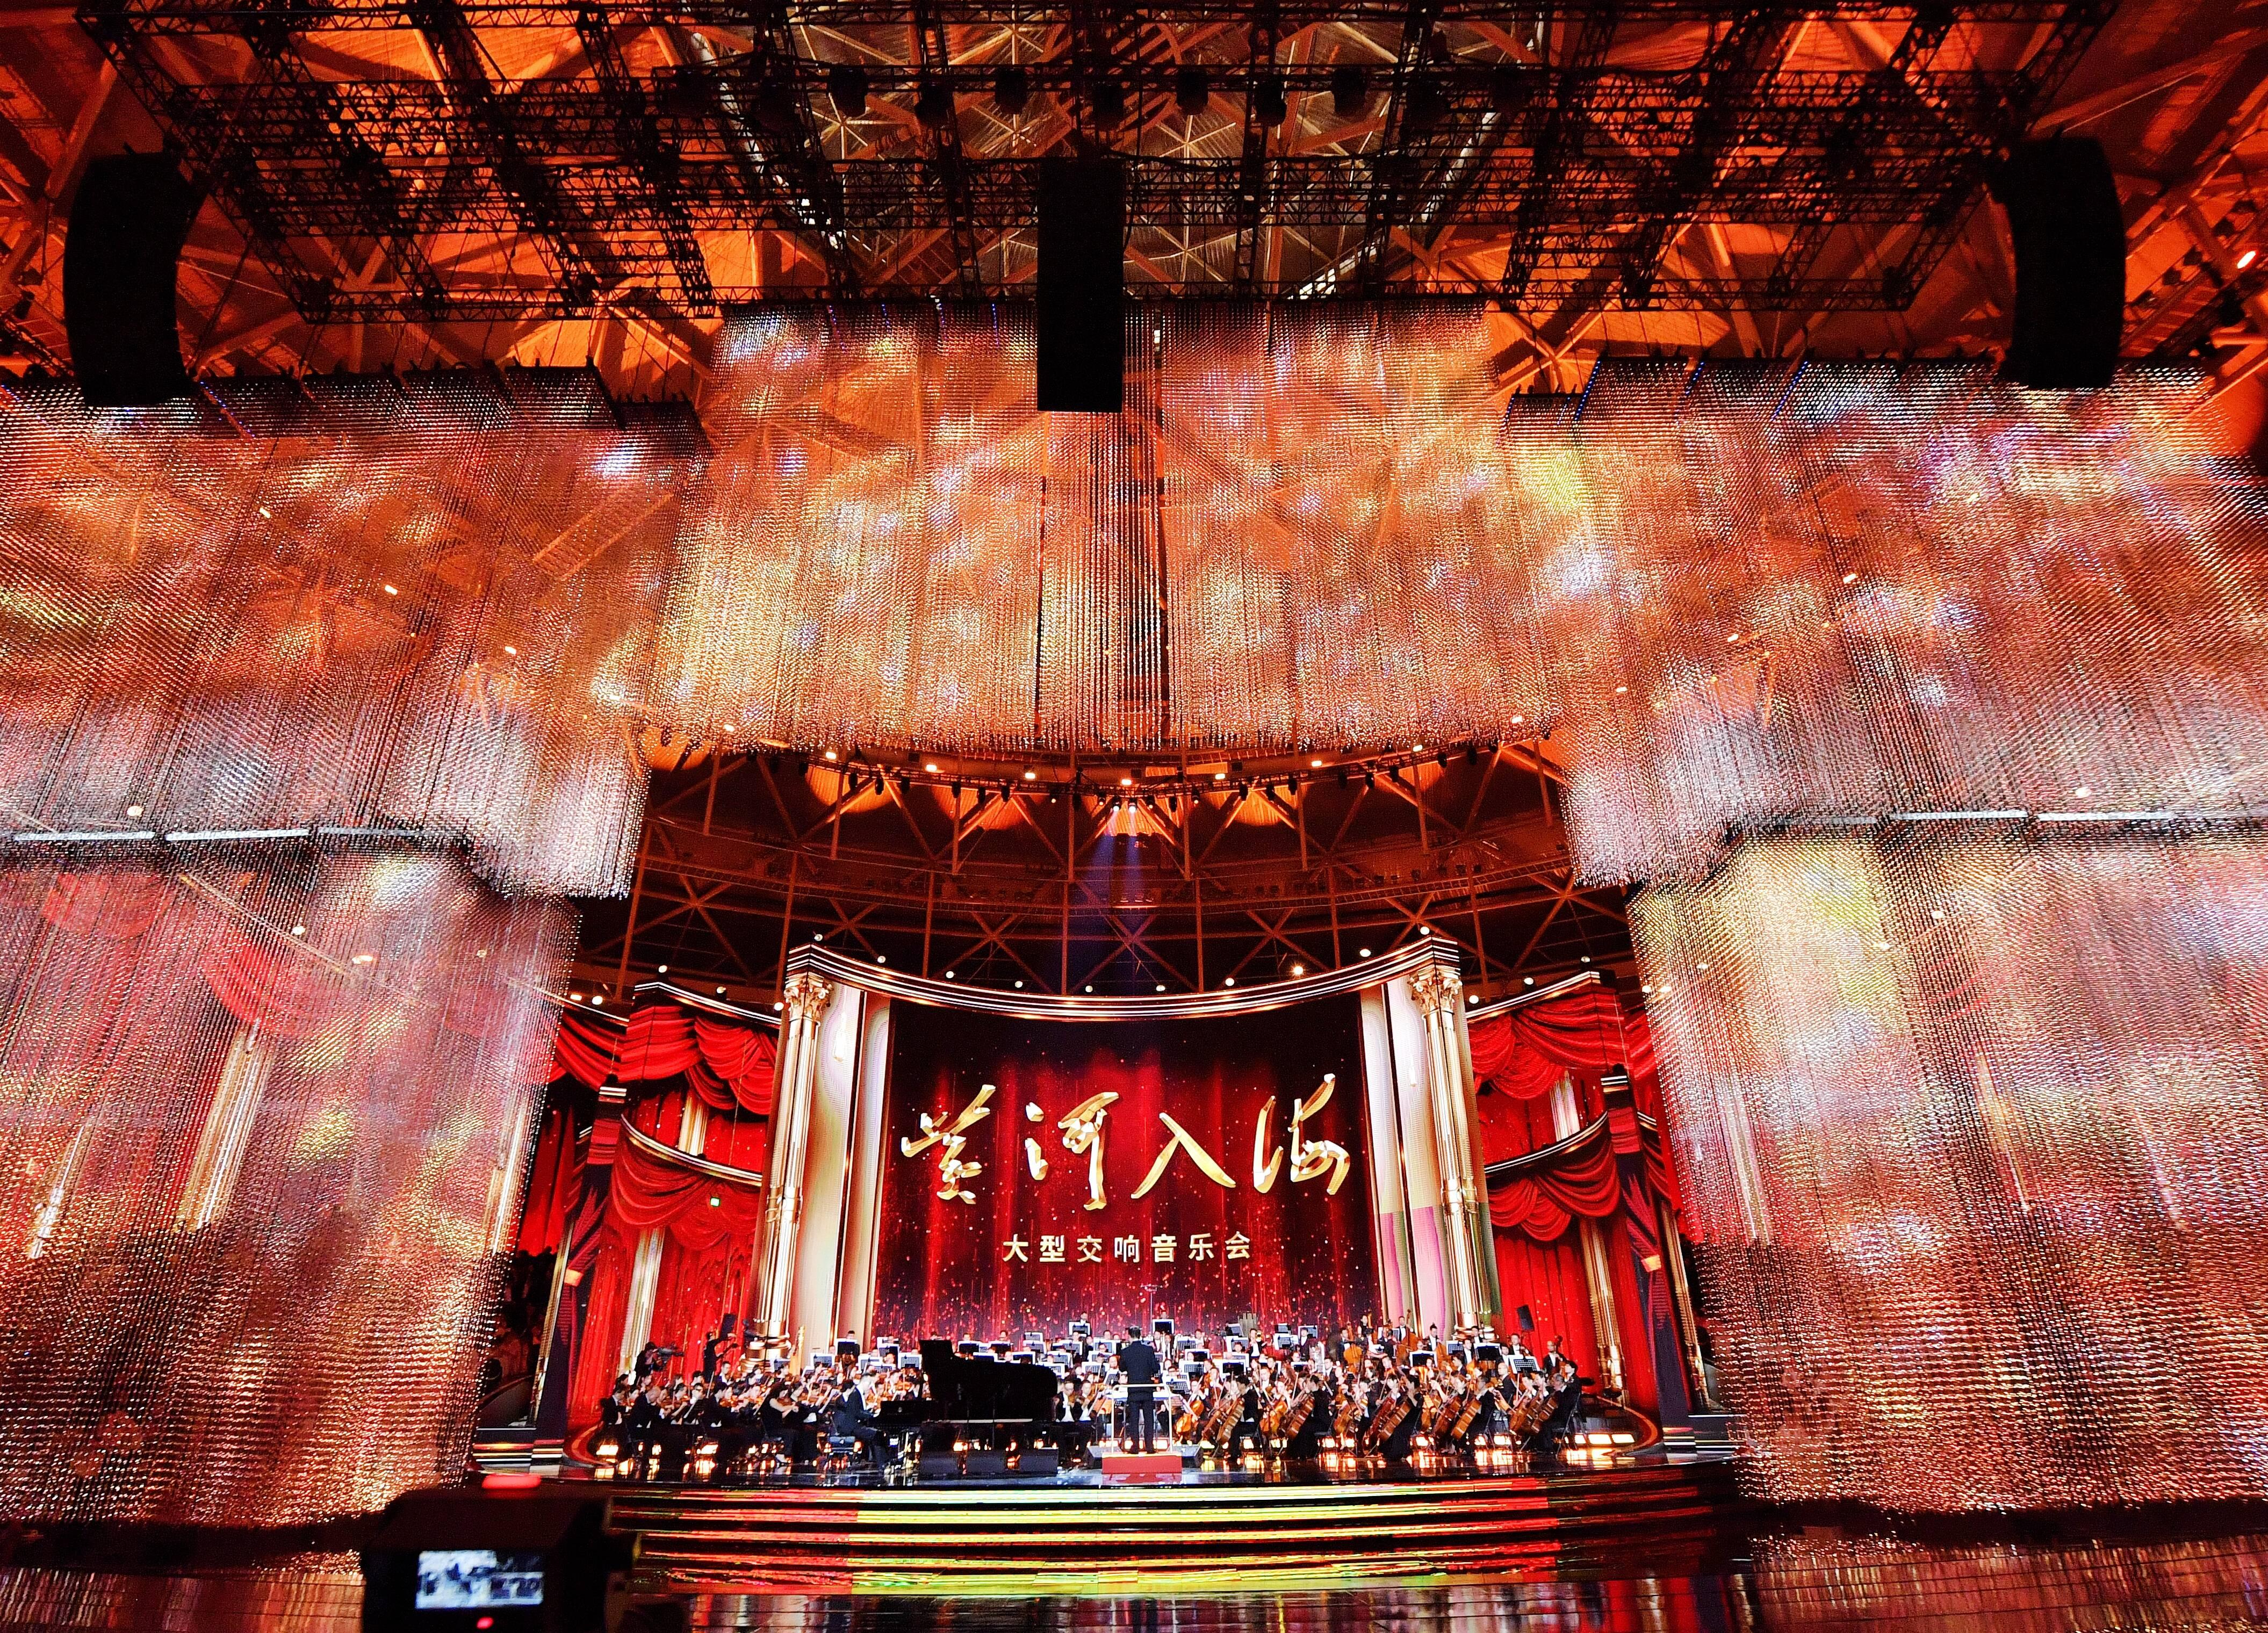 震撼!热血!《黄河入海》大型交响音乐会精彩上演 直播吸引市民驻足观看